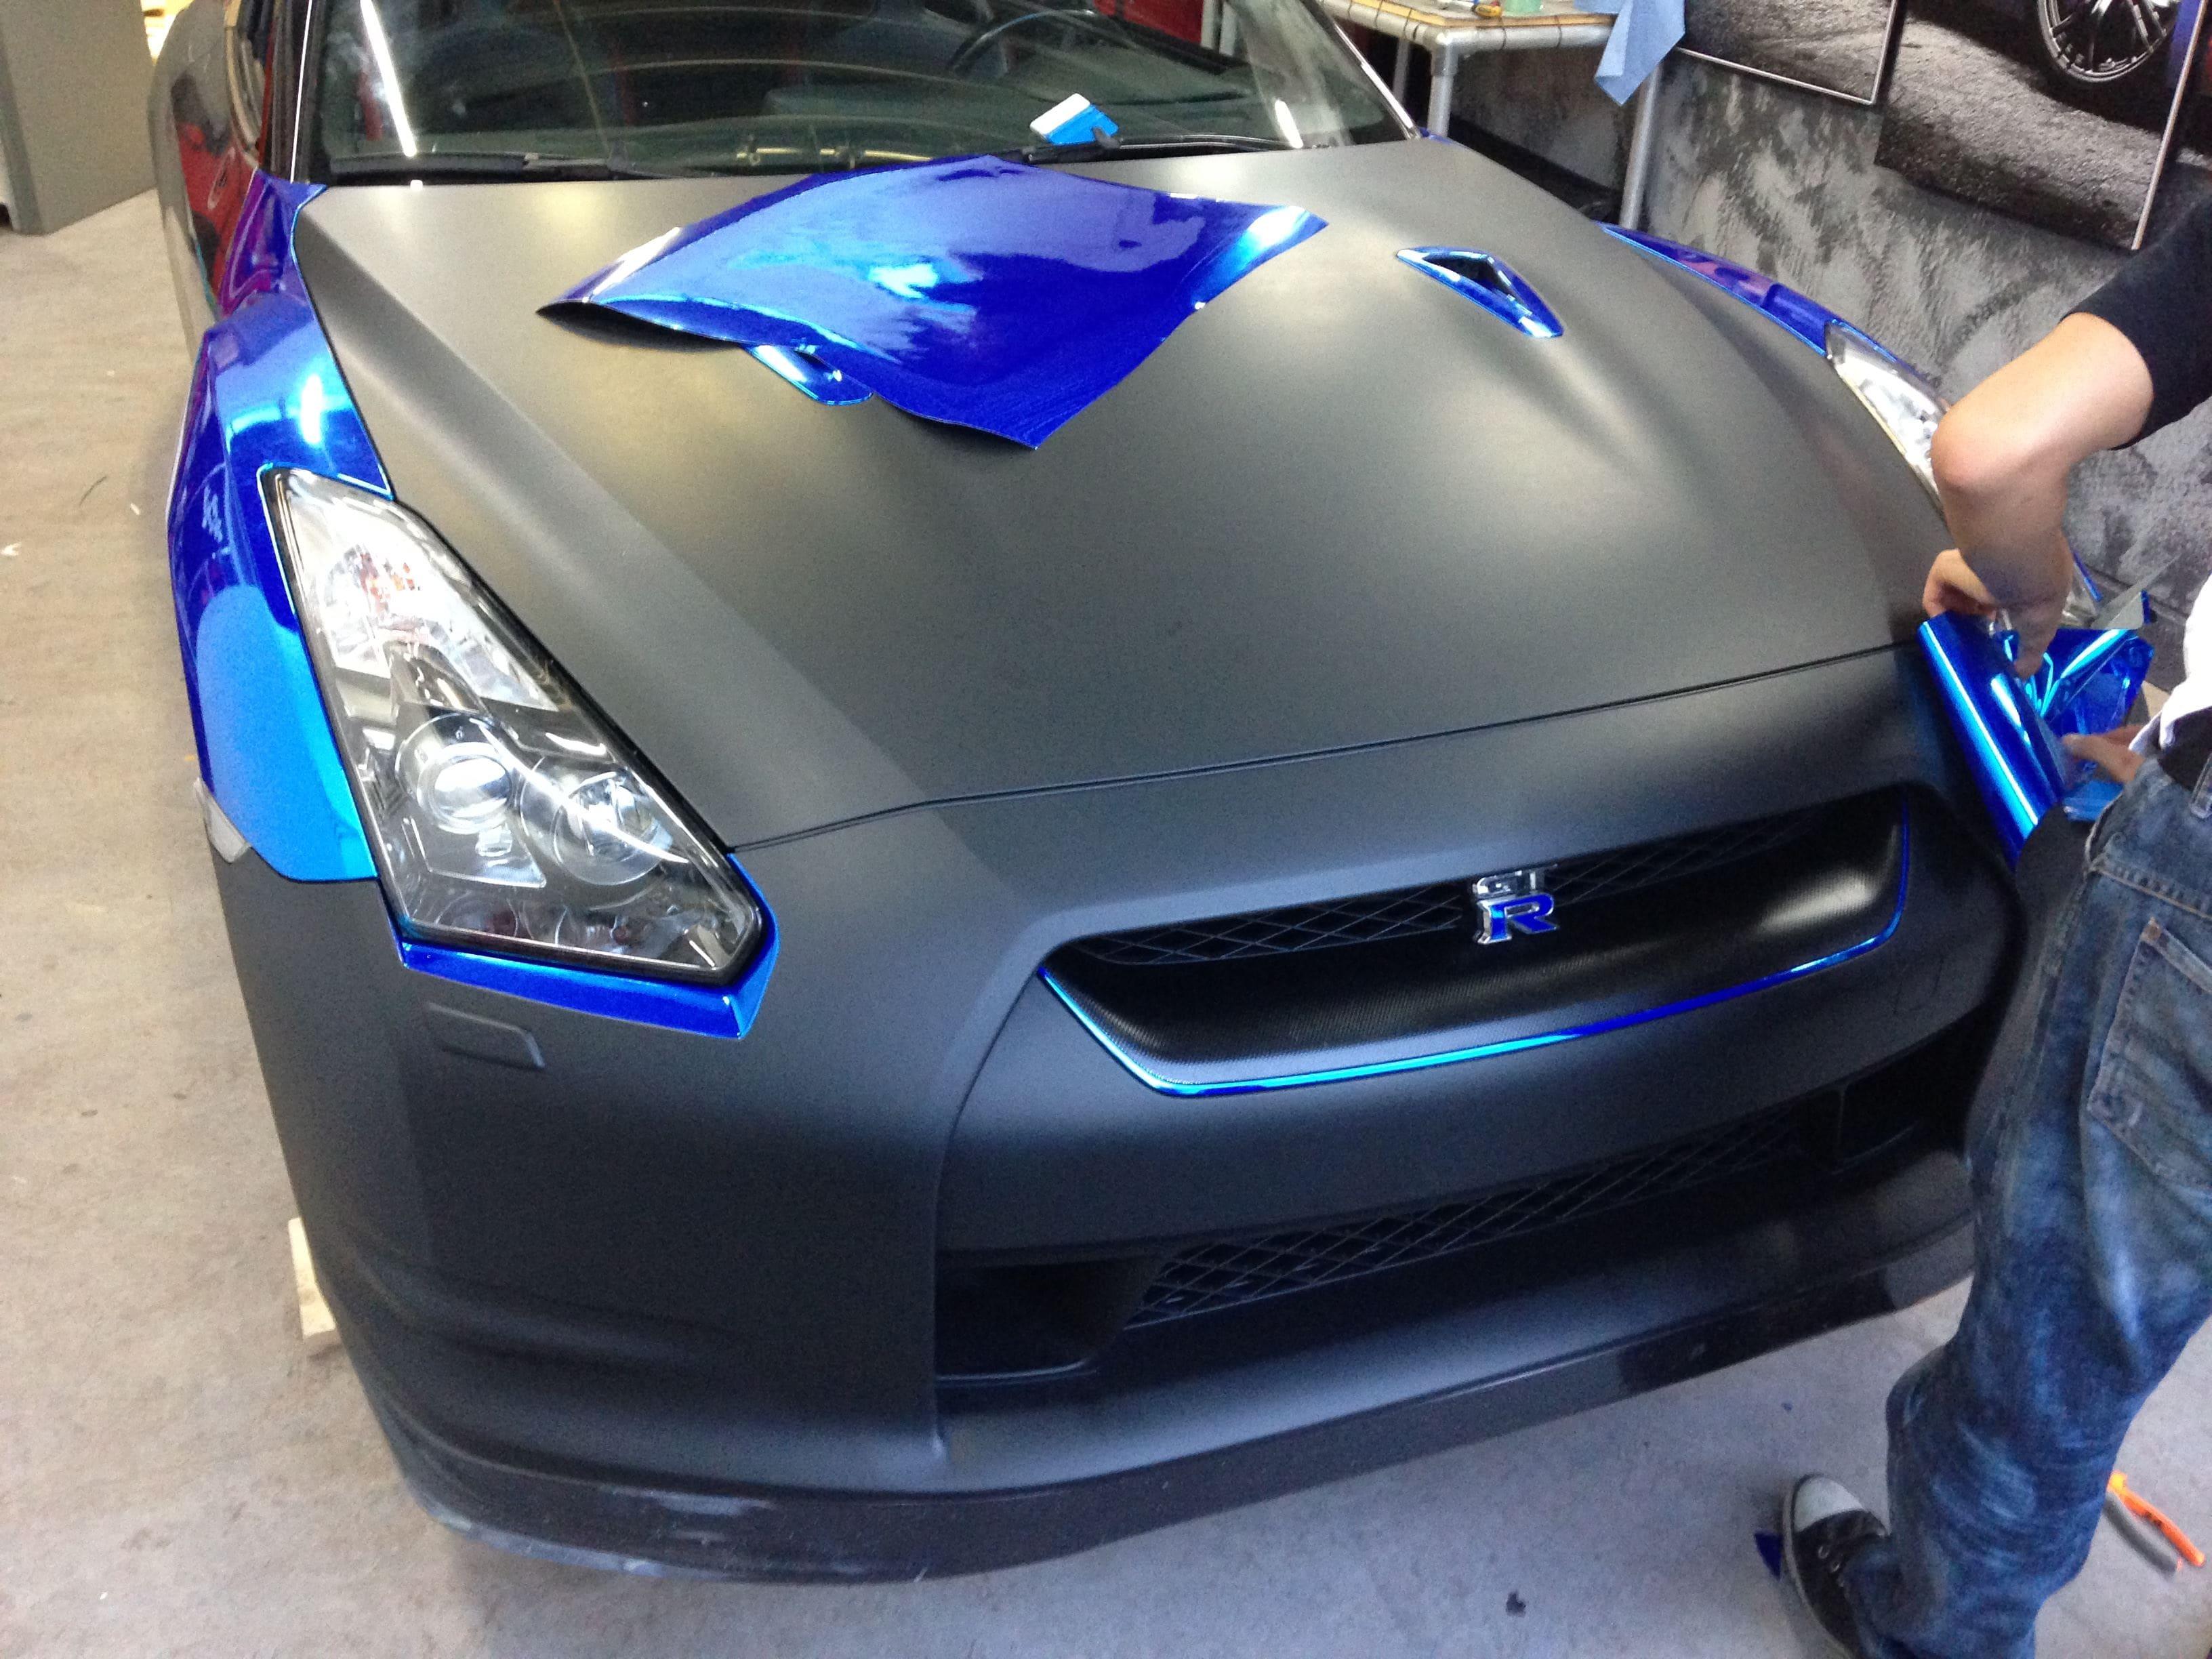 Nissan GT-R met Blue Chrome Wrap, Carwrapping door Wrapmyride.nu Foto-nr:6451, ©2021